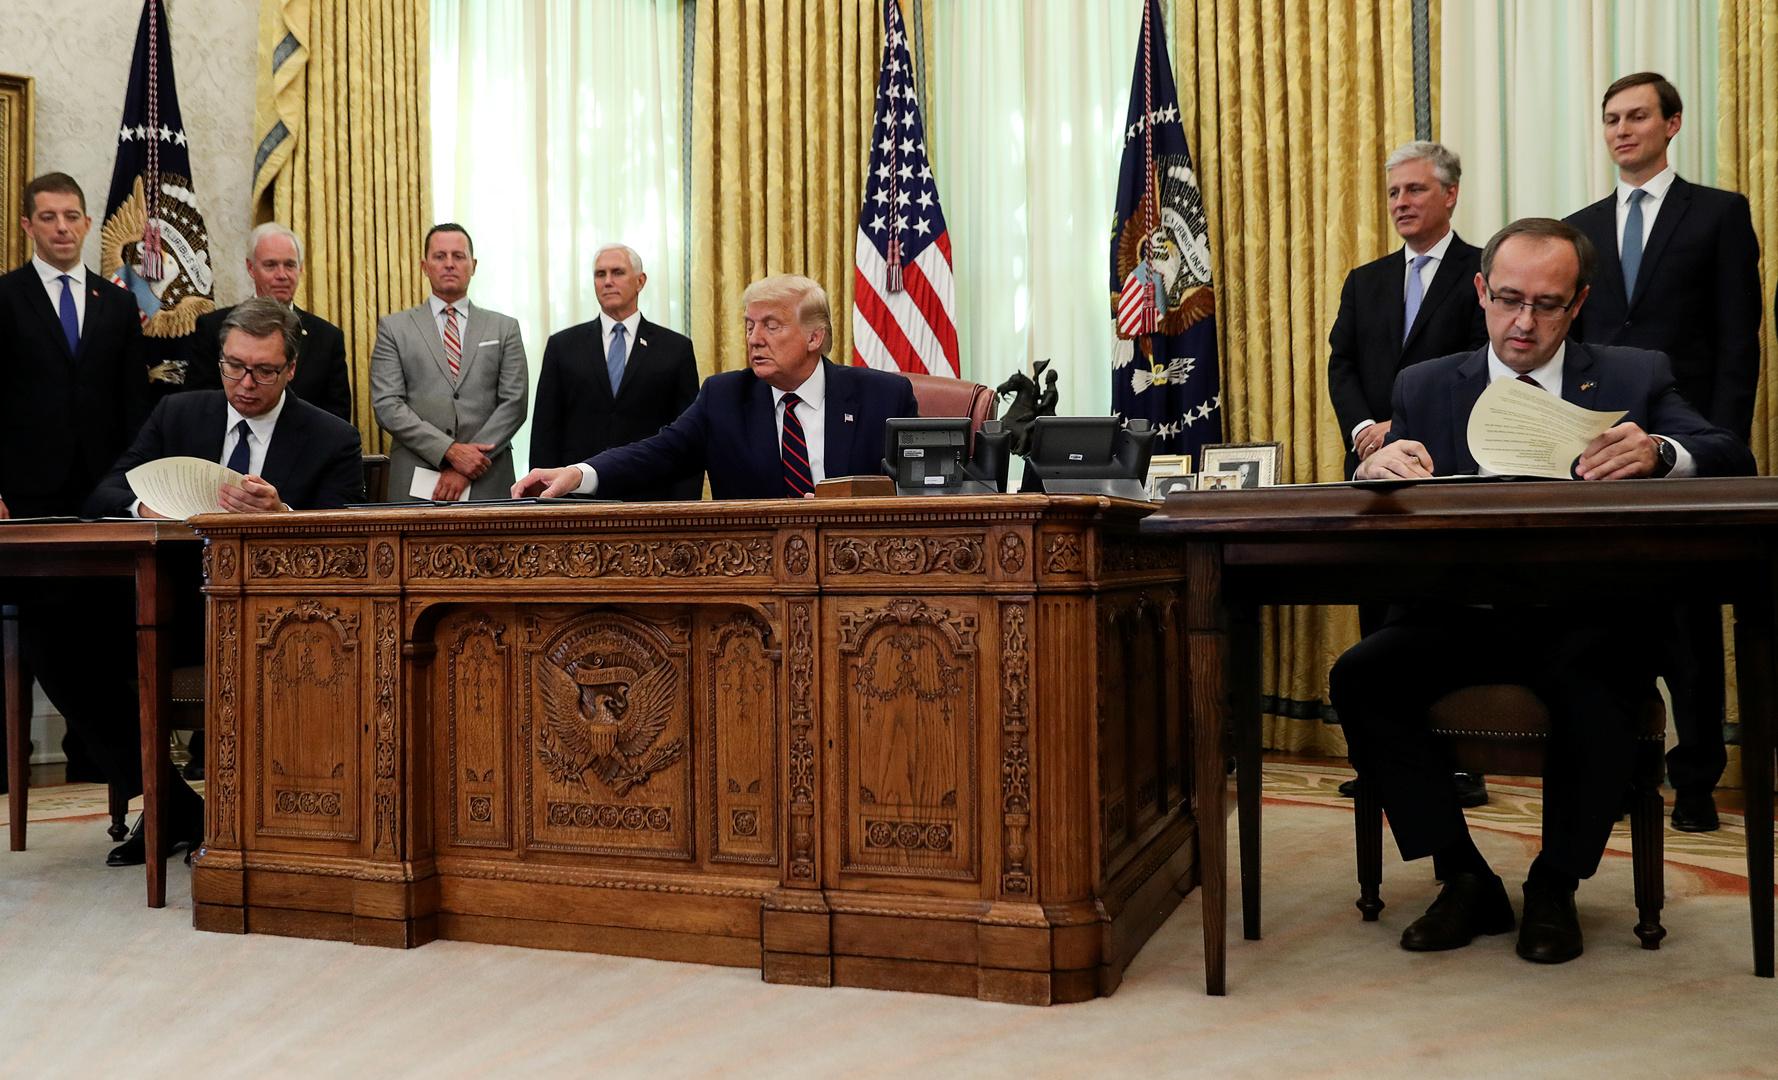 صربيا توقع اتفاقية مع الولايات المتحدة حول كوسوفو